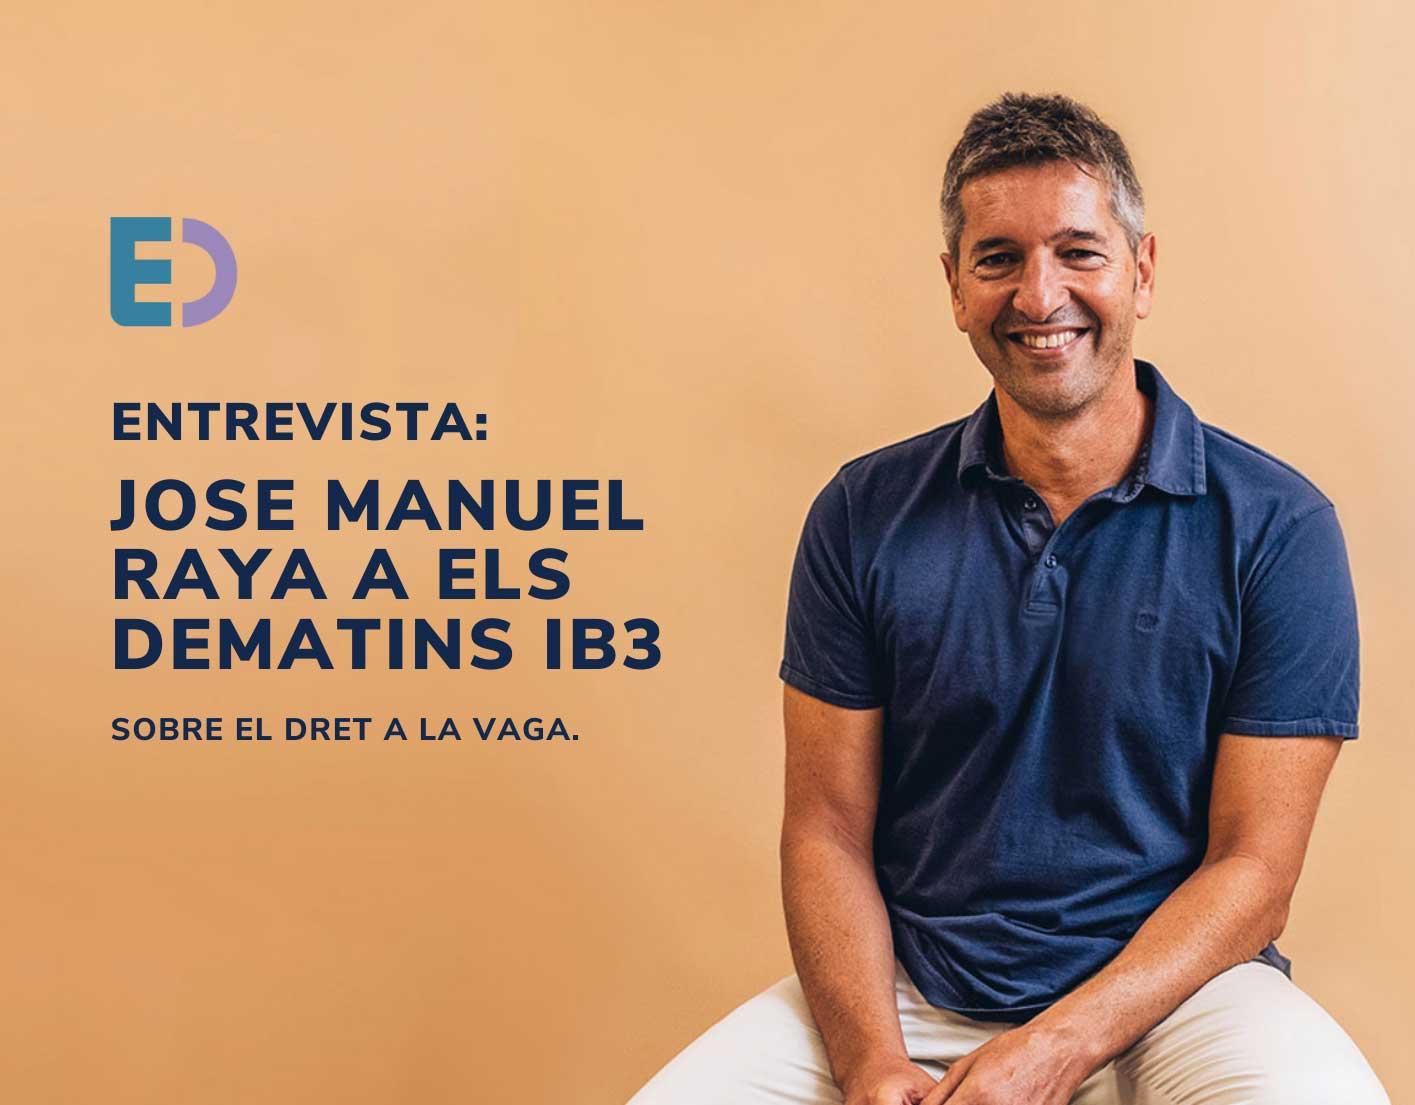 Jose Manuel Raya entrevistat a IB3 TV pel dret a la vaga.